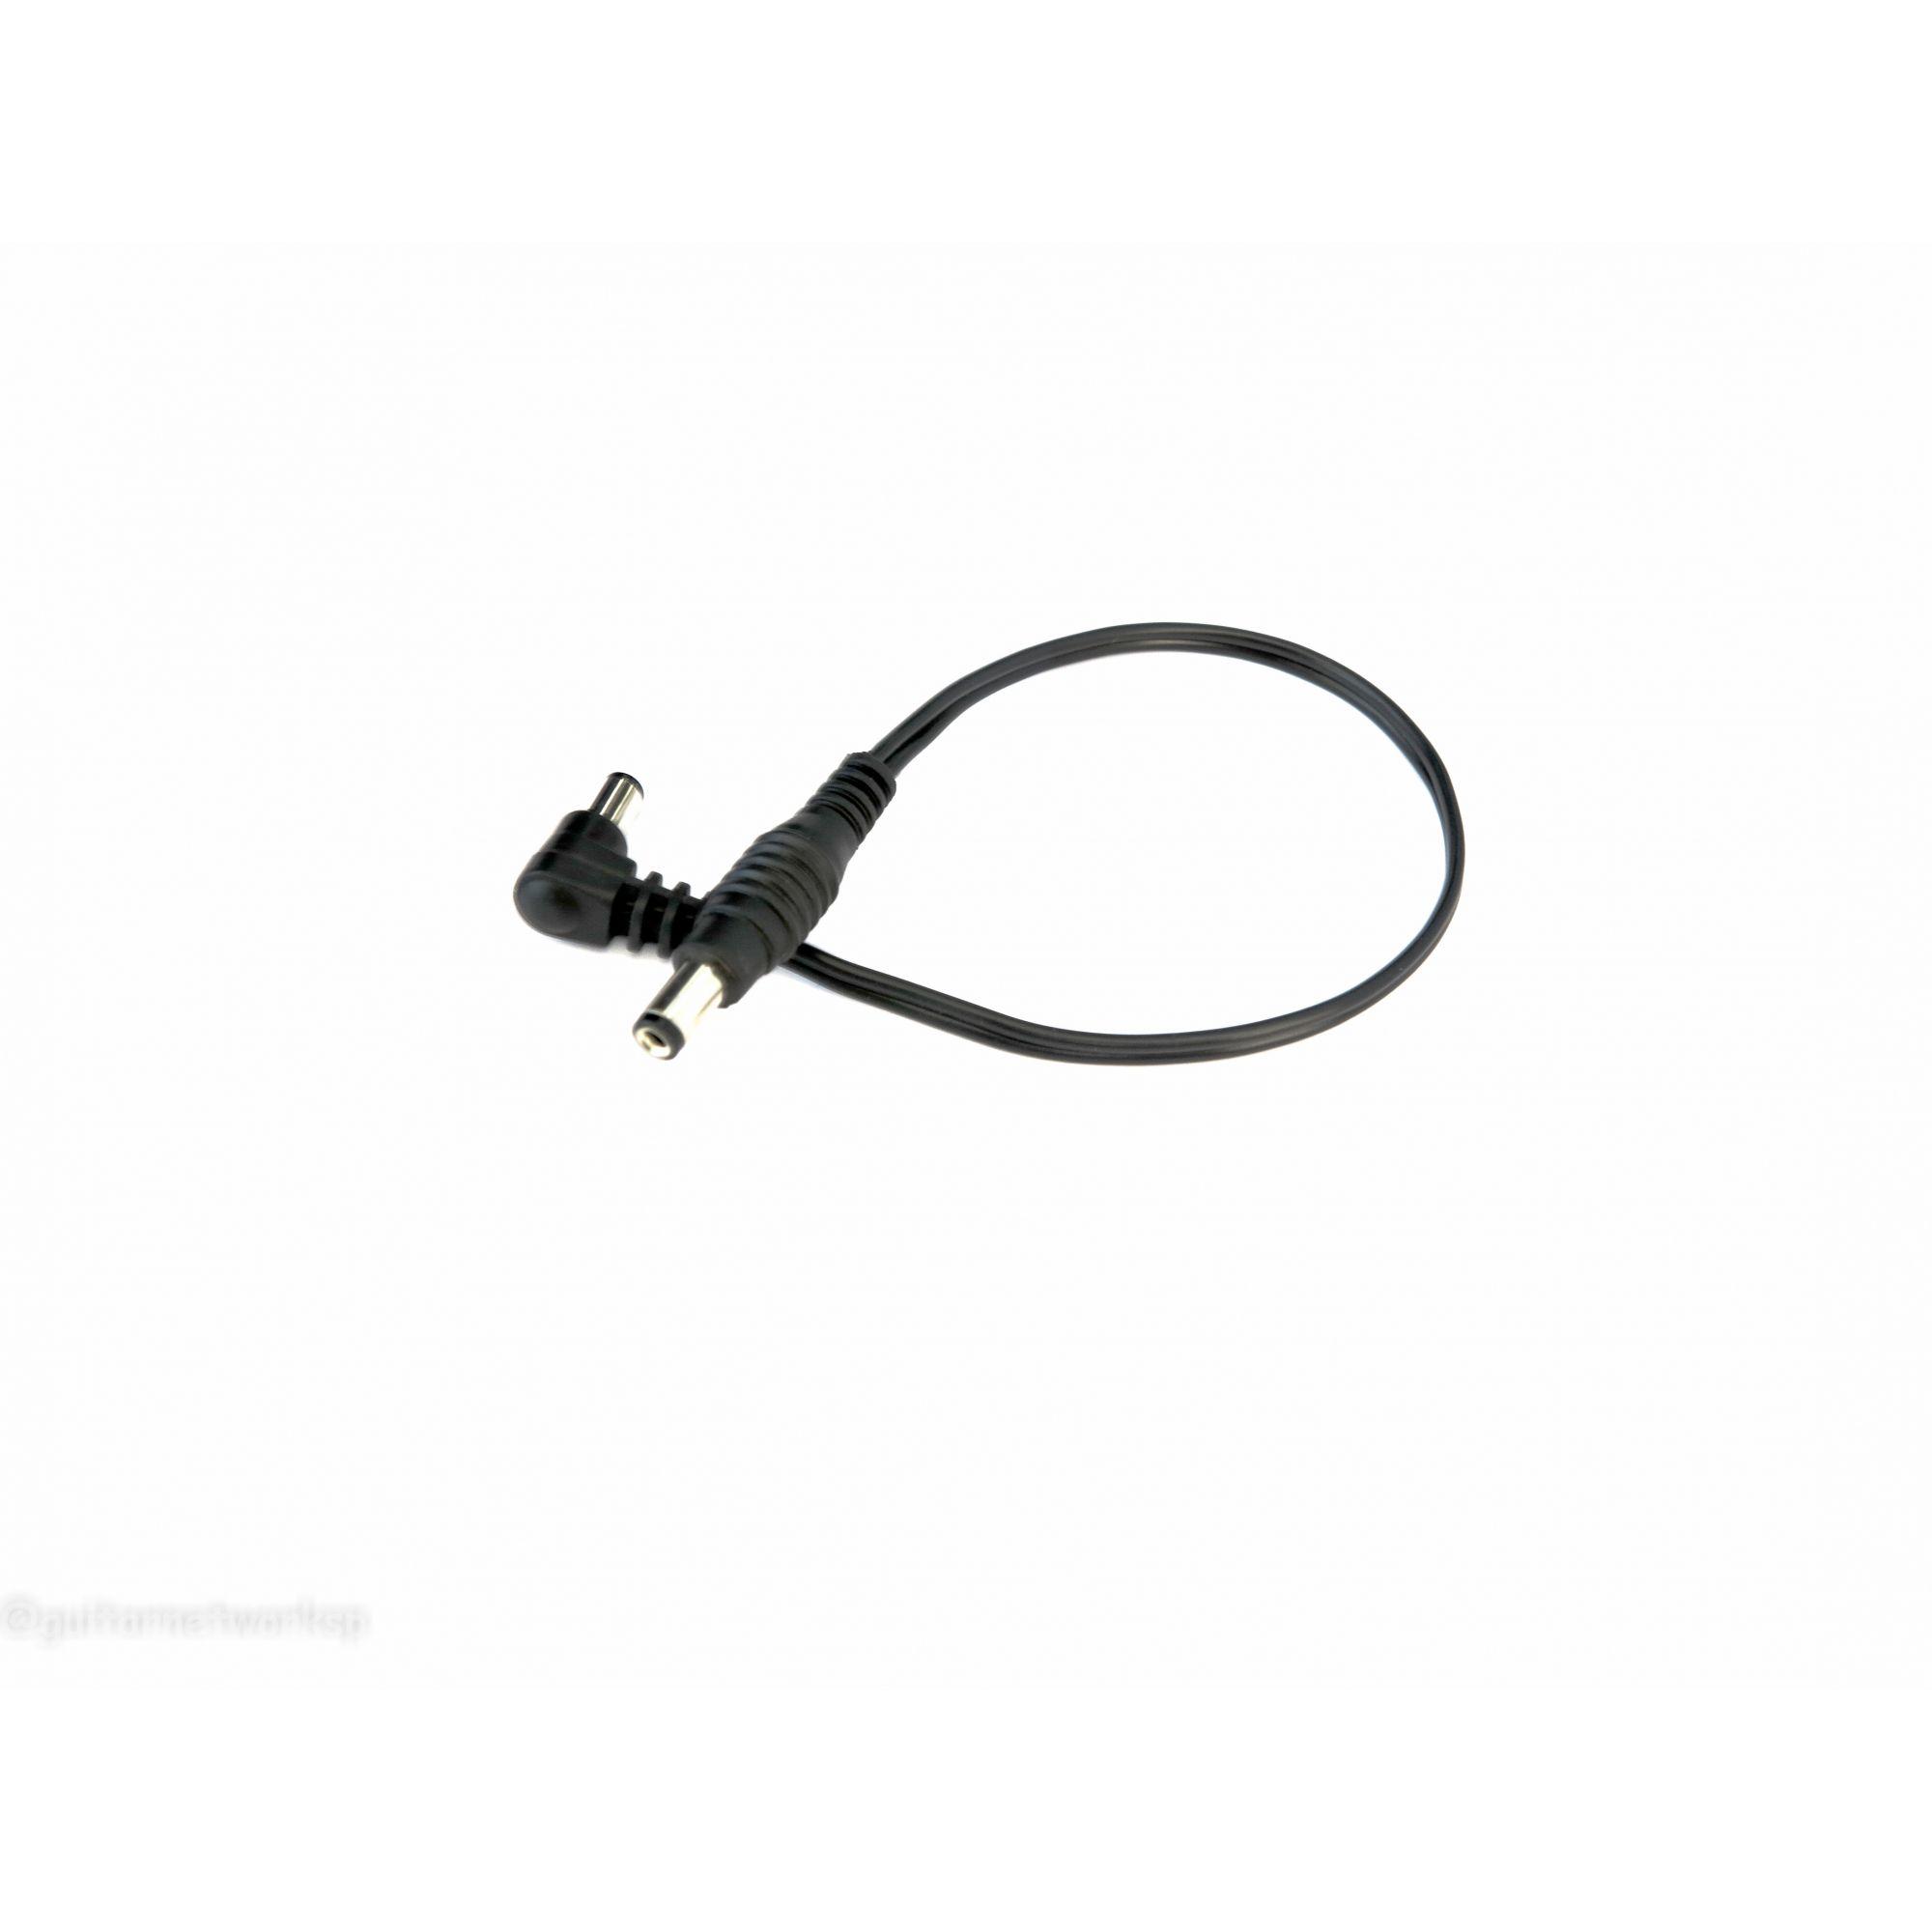 Cabo extensor alimentação p fonte pedal Mod 108 - LANDSCAPE